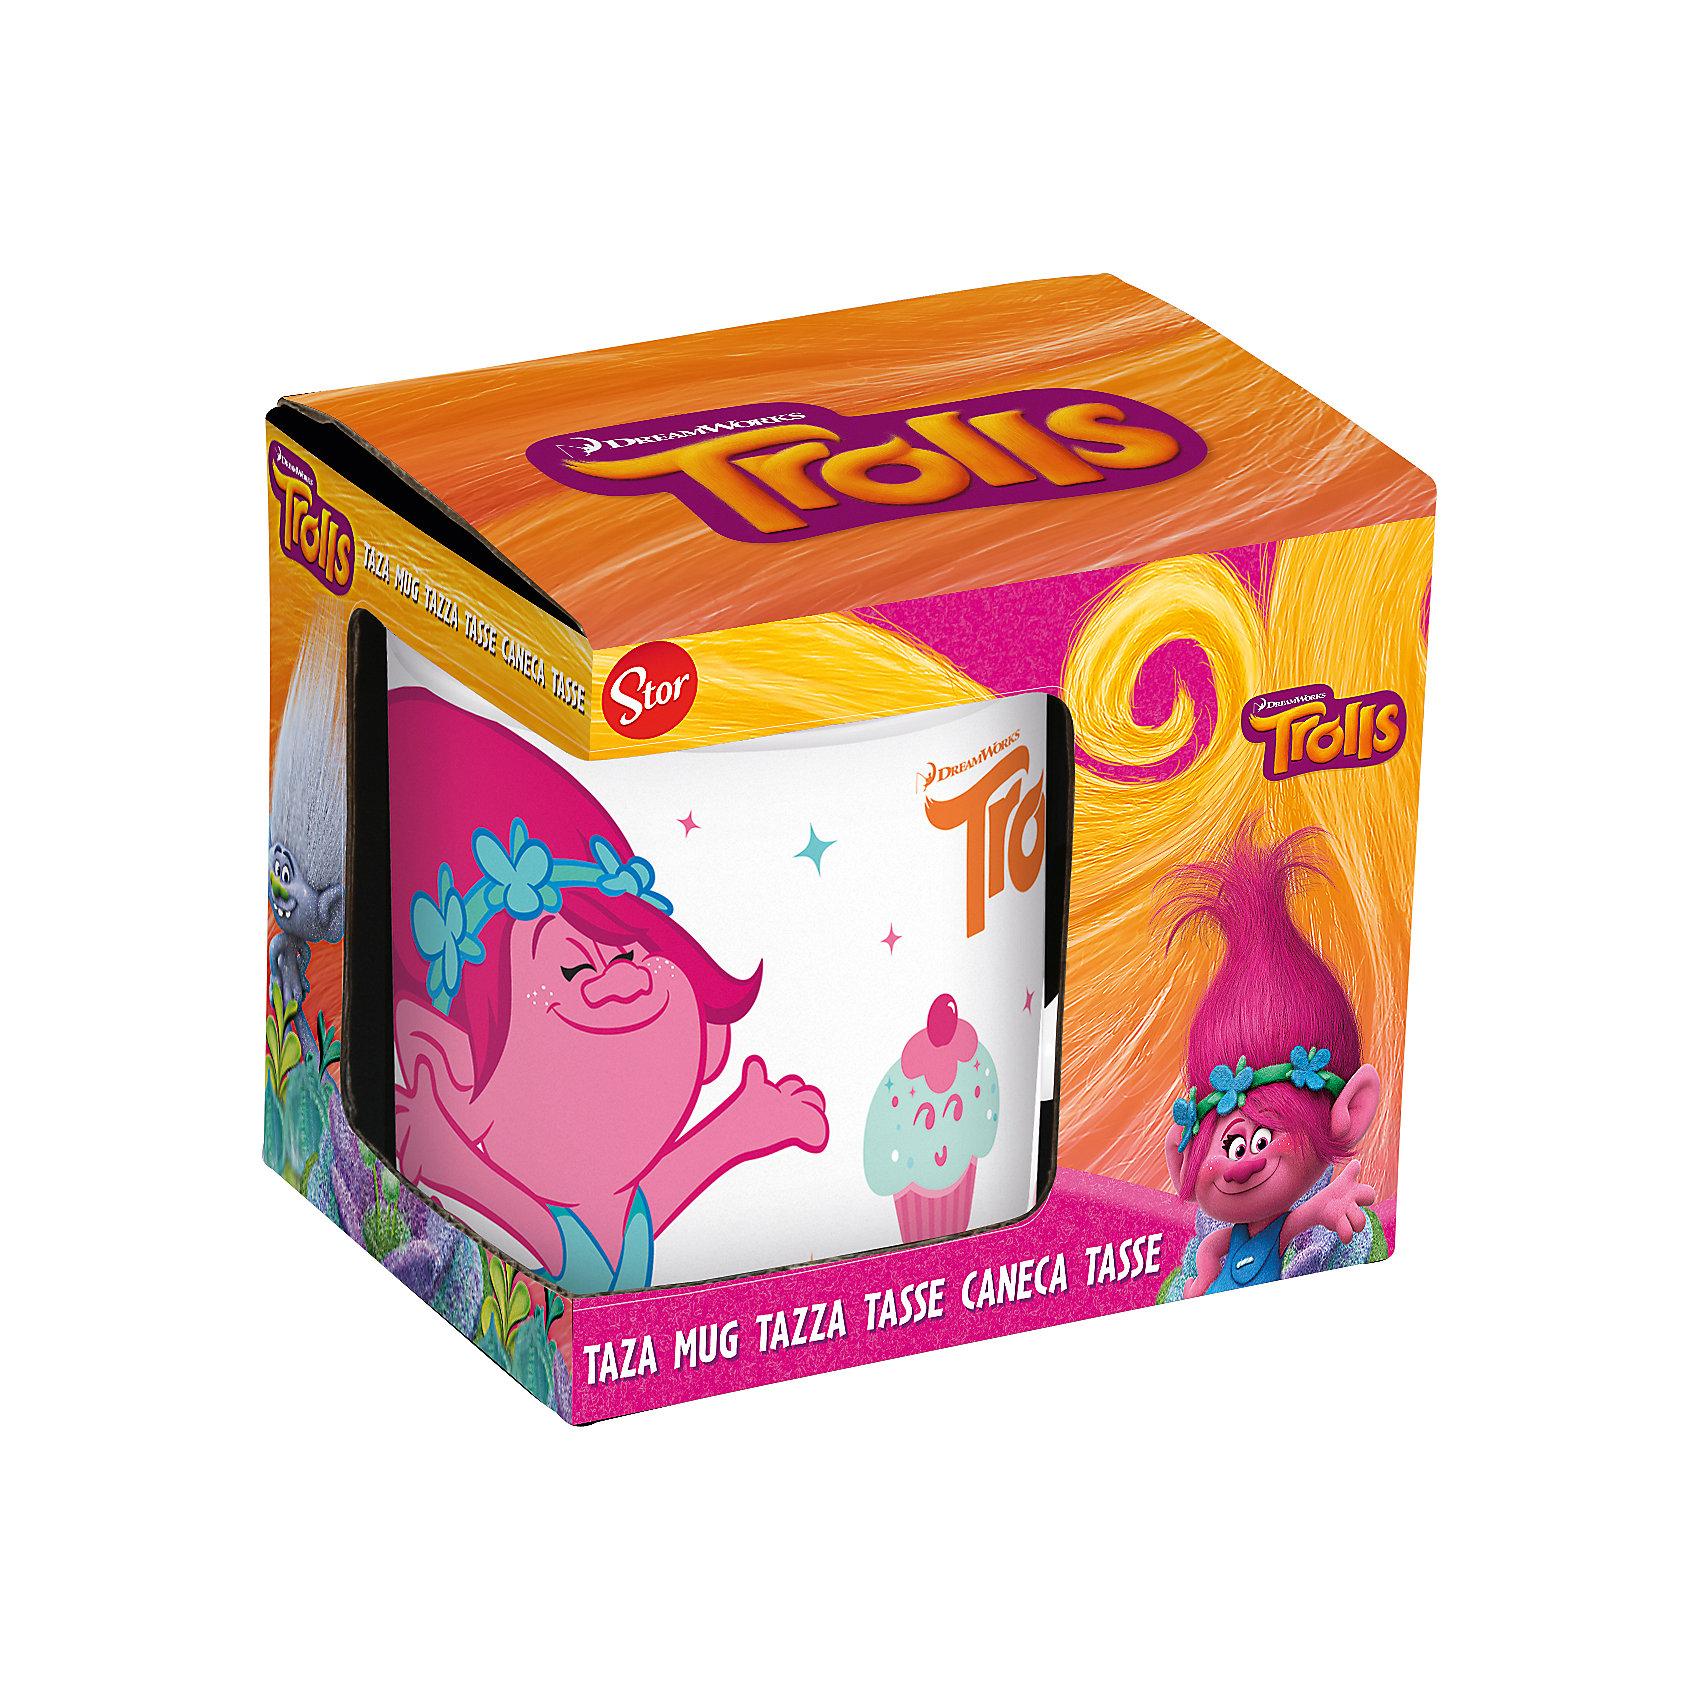 Кружка керамическая Тролли 325 мл в подарочной упаковкеХарактеристики товара:<br><br>• материал: керамика<br>• украшена рисунком<br>• размер: 12х9х10 см<br>• вес: 368 г<br>• объем: 325 мл<br>• подарочкая упаковка<br>• страна производства: Китай<br><br>Такая кружка станет отличным подарком для ребенка! Она отличается тем, что на предмете изображены персонажи из мультфильма Тролли. Есть или пить из предметов с любимым героем многих современных детей - всегда приятнее. Кружка очень удобна, объем оптимален для детей. Плюс - изделие упаковано в красивую подарочную коробку!<br>Кружка выпущена в удобном формате, размер - универсальный. Изделие производится из качественных и проверенных материалов, которые безопасны для детей.<br><br>Кружку керамическую Тролли 325 мл в подарочной упаковке можно купить в нашем интернет-магазине.<br><br>Ширина мм: 117<br>Глубина мм: 87<br>Высота мм: 100<br>Вес г: 368<br>Возраст от месяцев: 36<br>Возраст до месяцев: 108<br>Пол: Женский<br>Возраст: Детский<br>SKU: 5282078